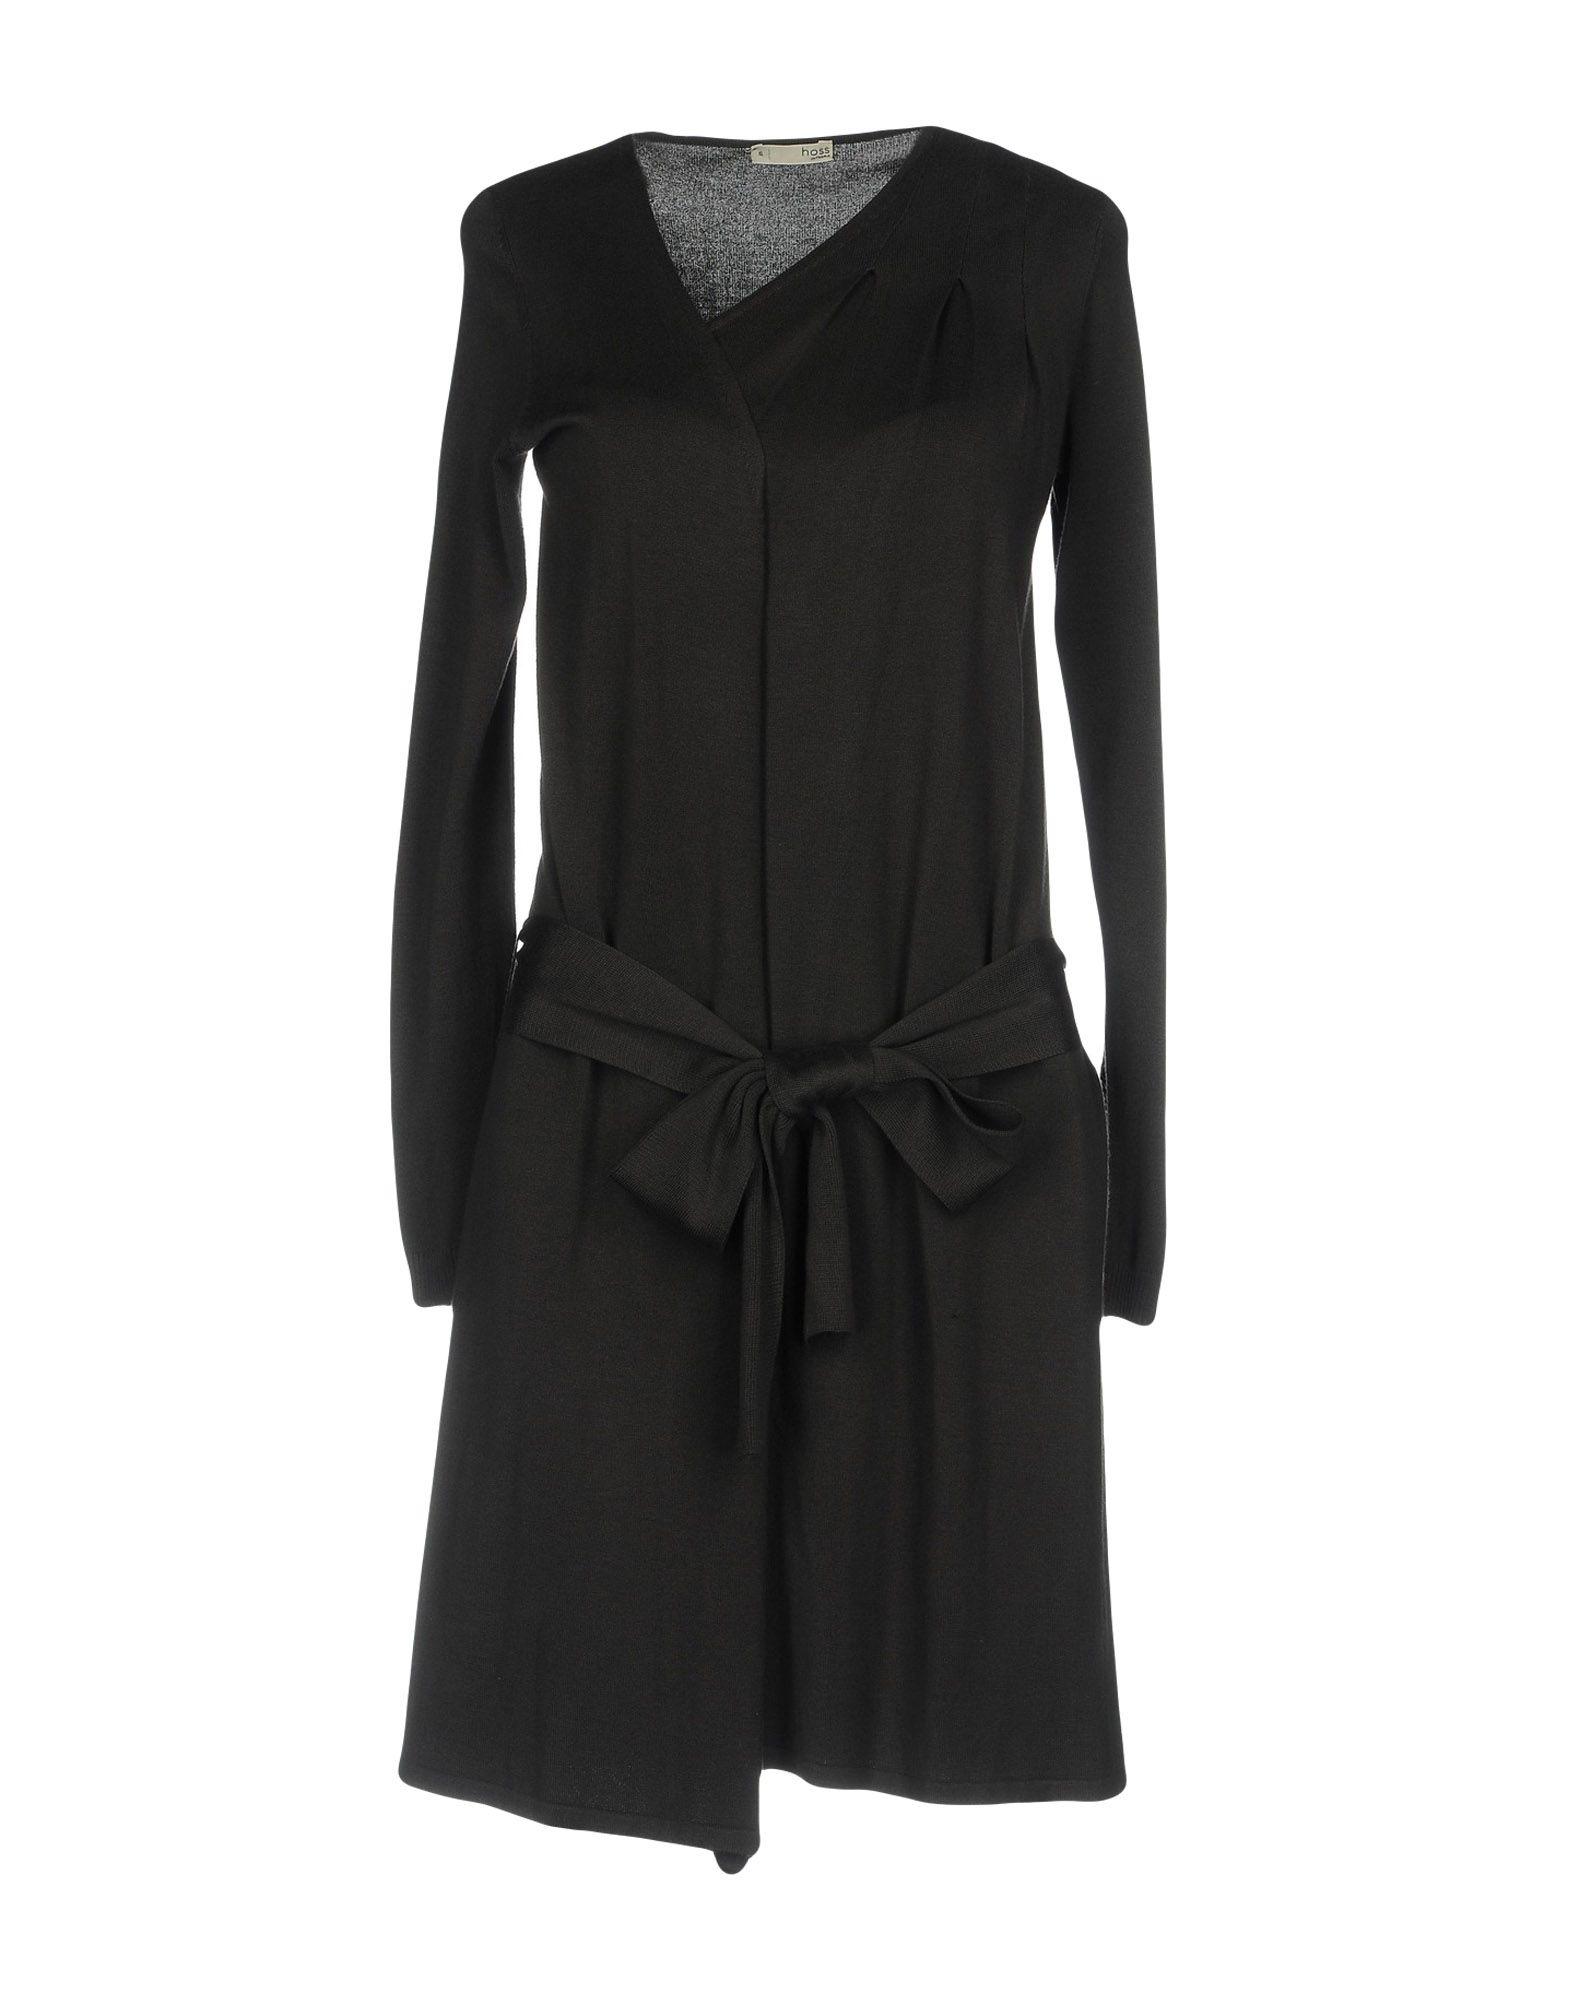 Vestito Corto Intropia Donna - Acquista online su RCiI3Wech